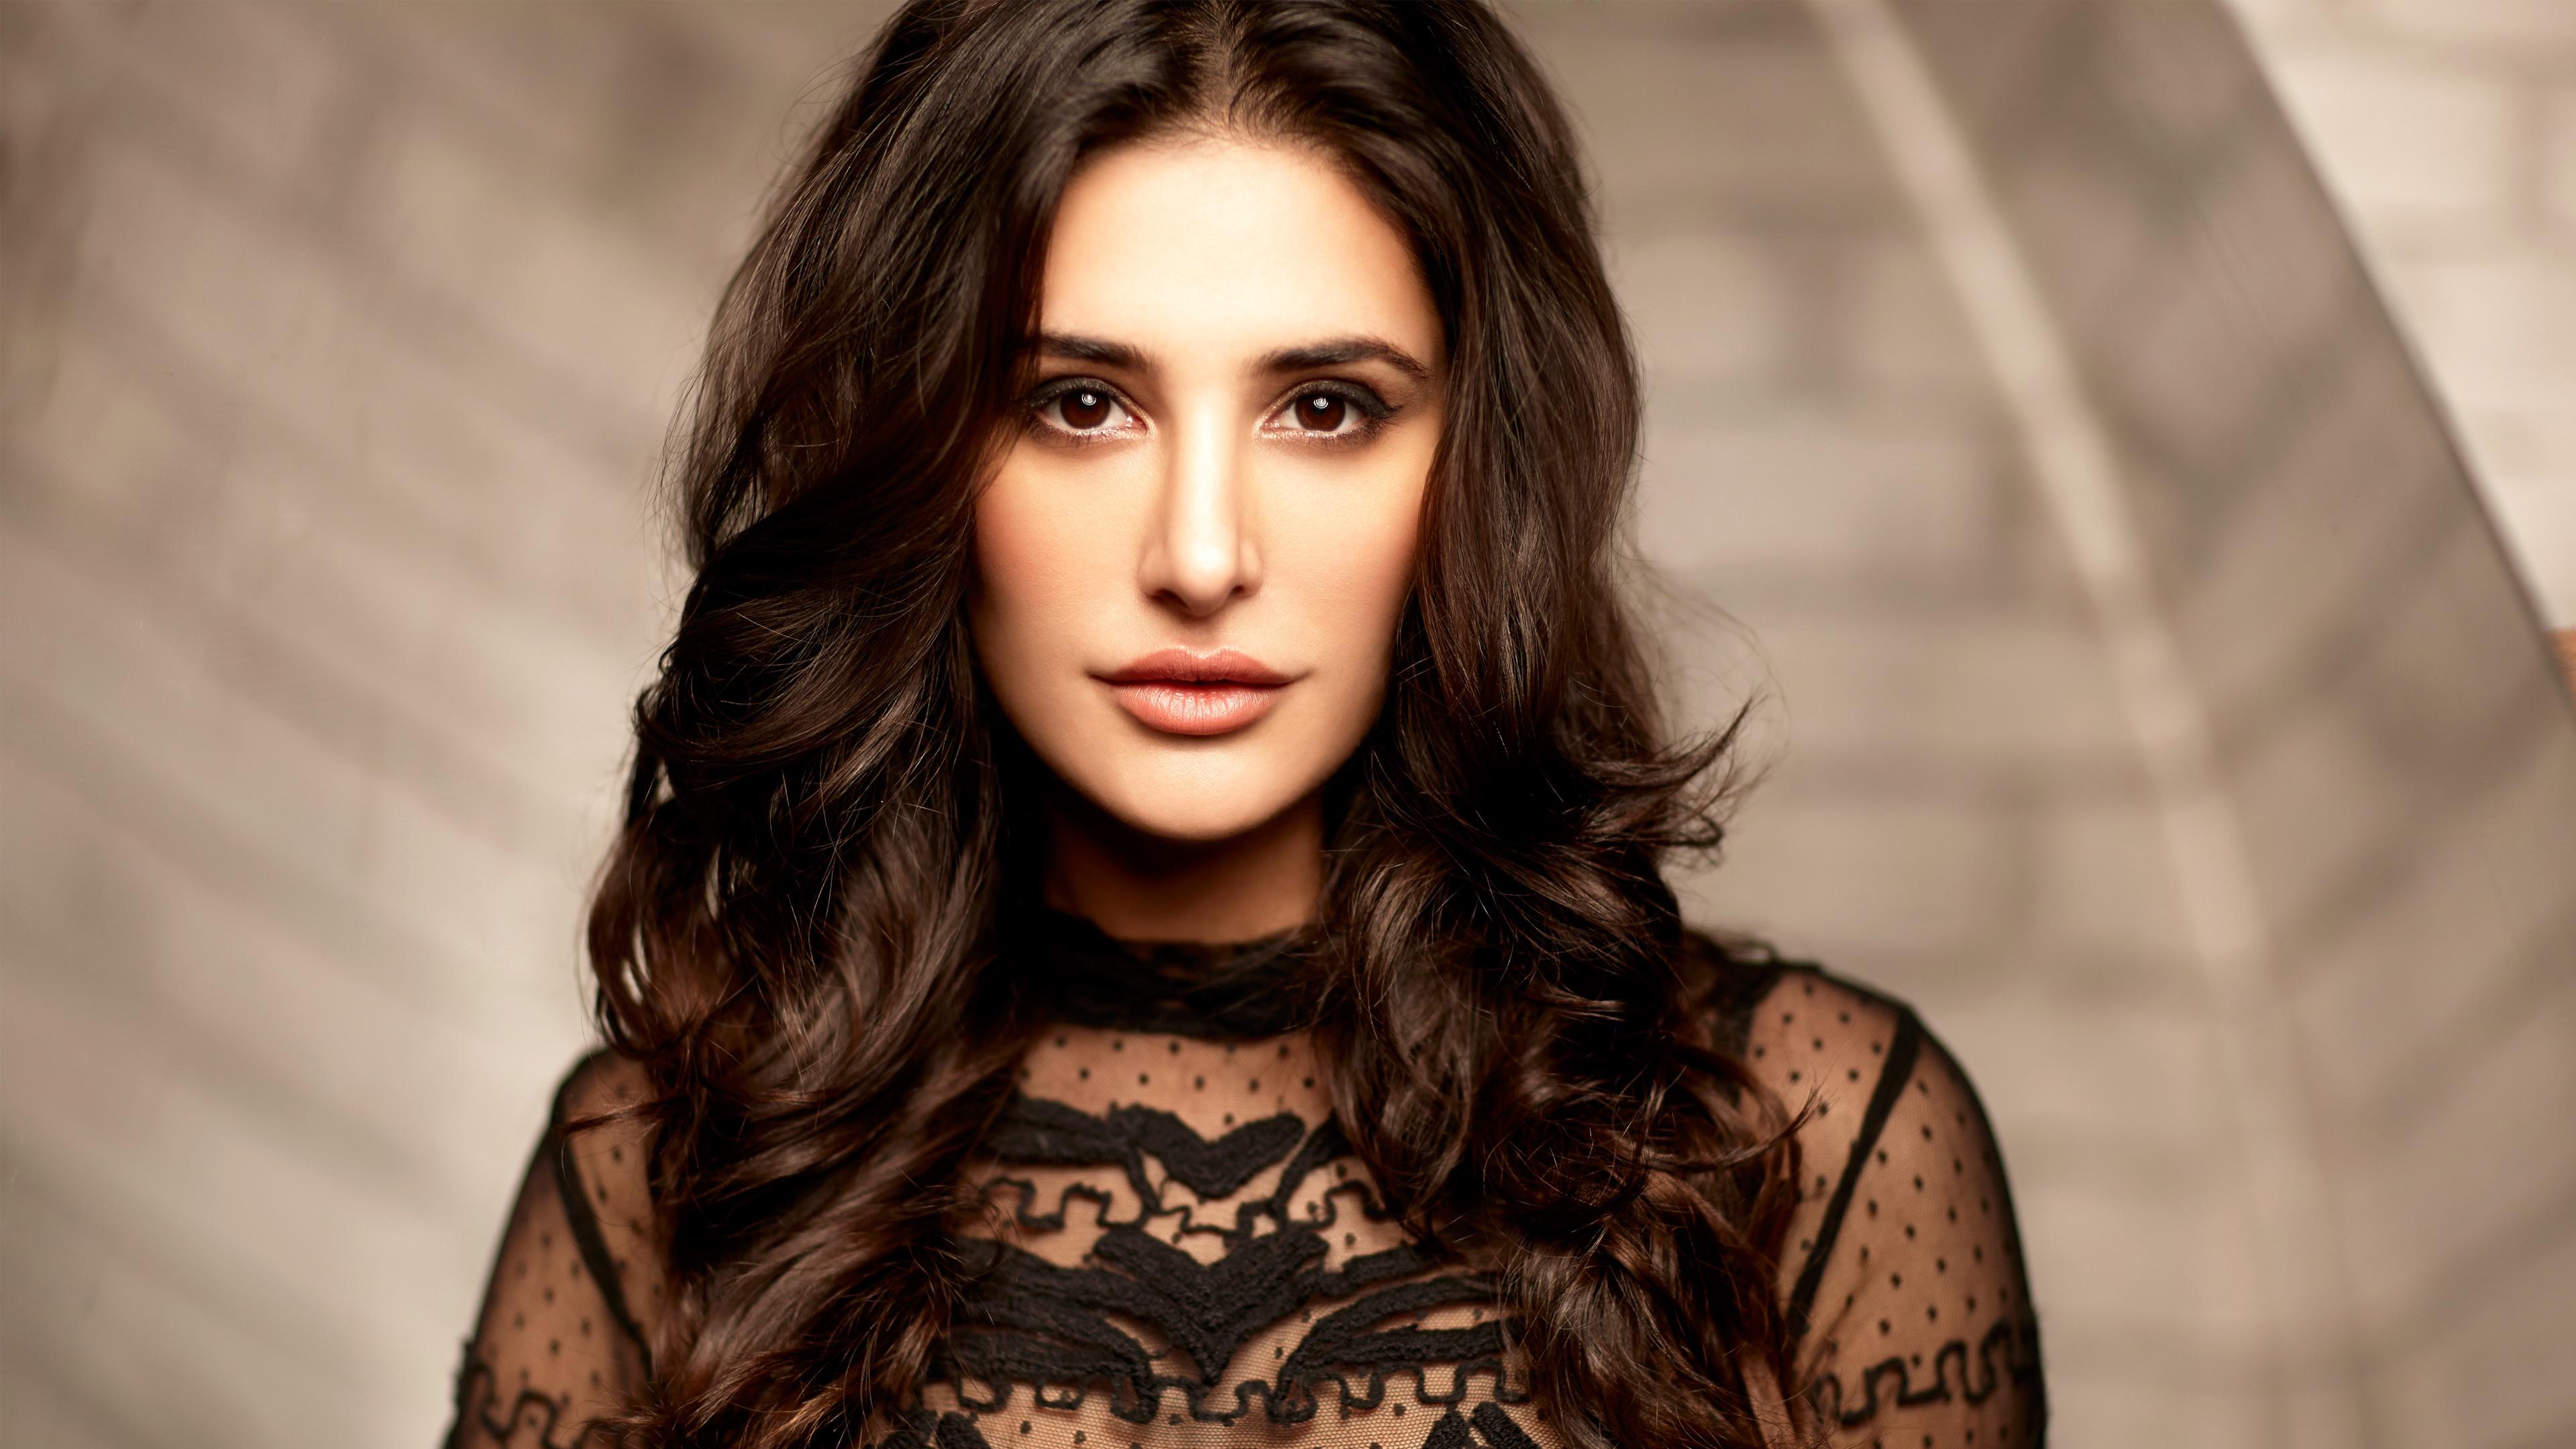 Hot Indian Actress Pics With Name - ▷ ▷ PowerMall